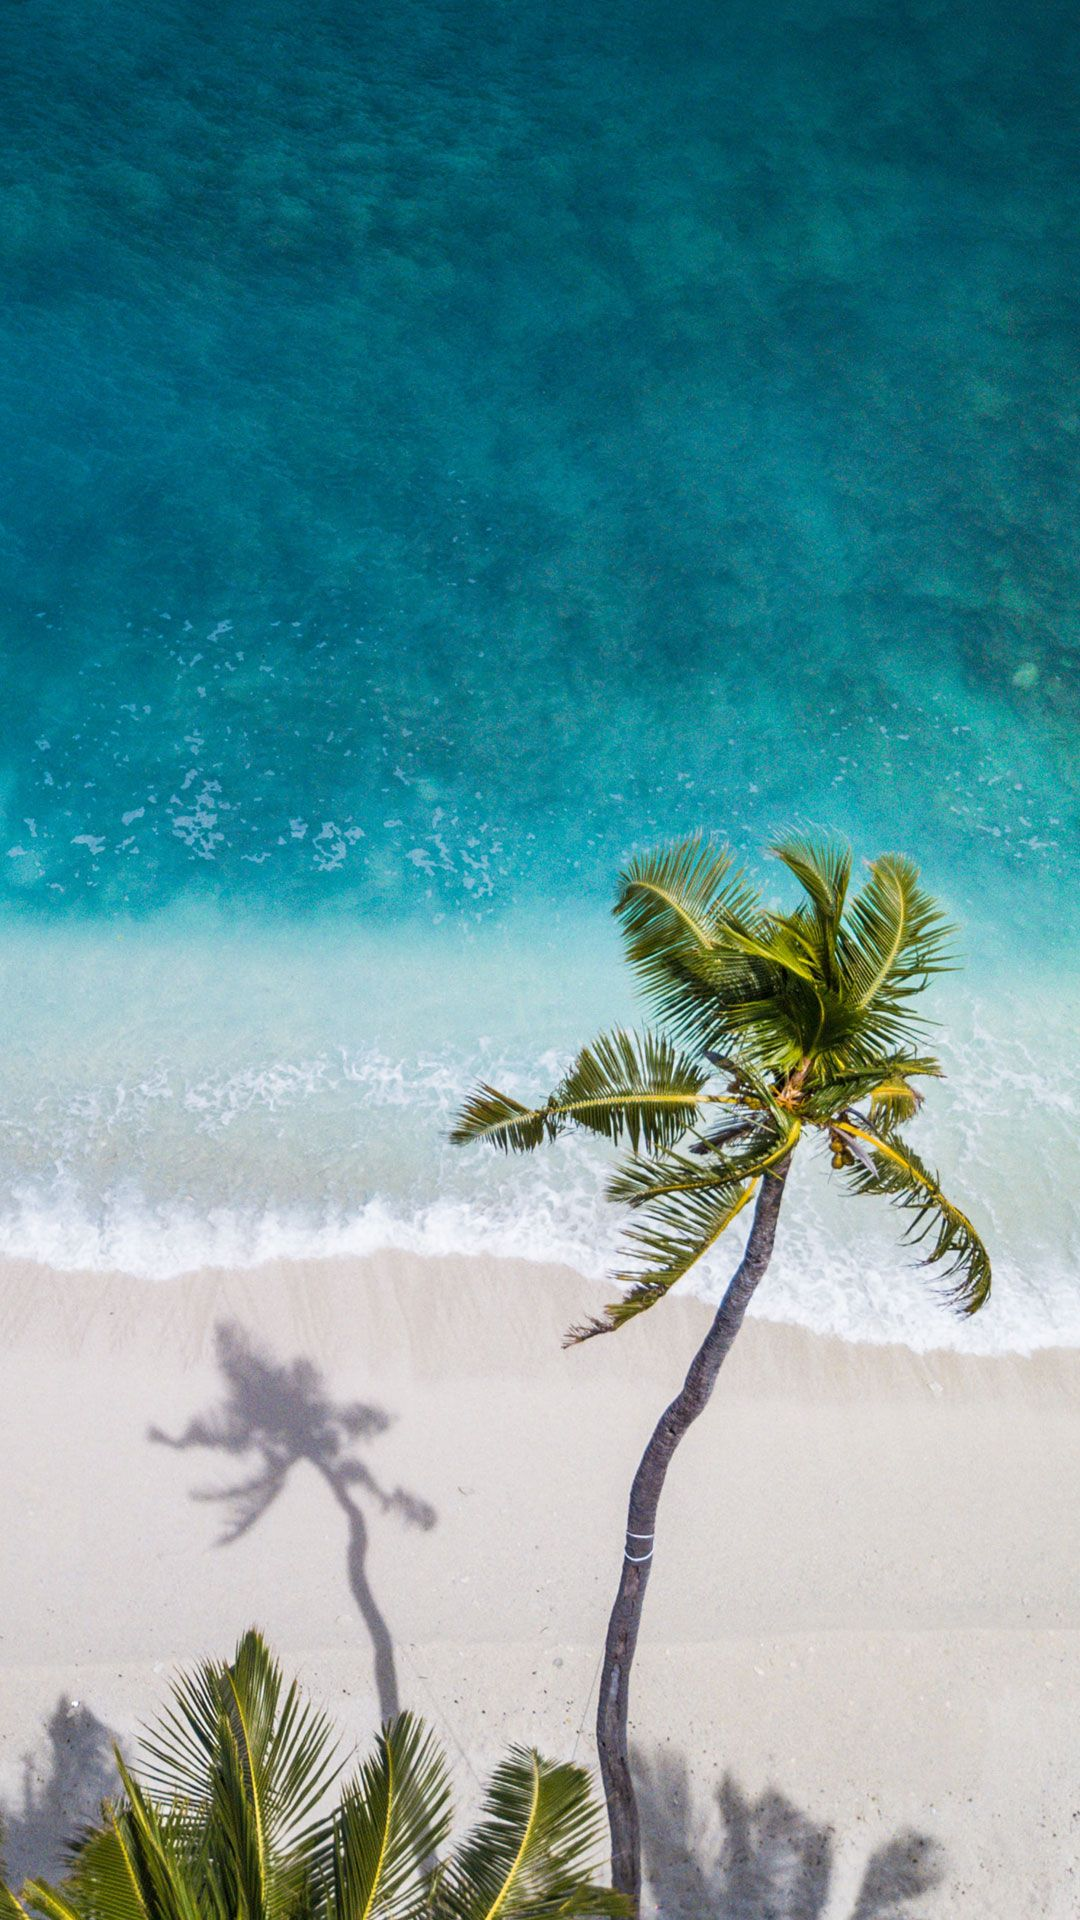 Iphone Beach Wallpaper Beach Wallpaper Ocean Wallpaper Beach Wallpaper Iphone